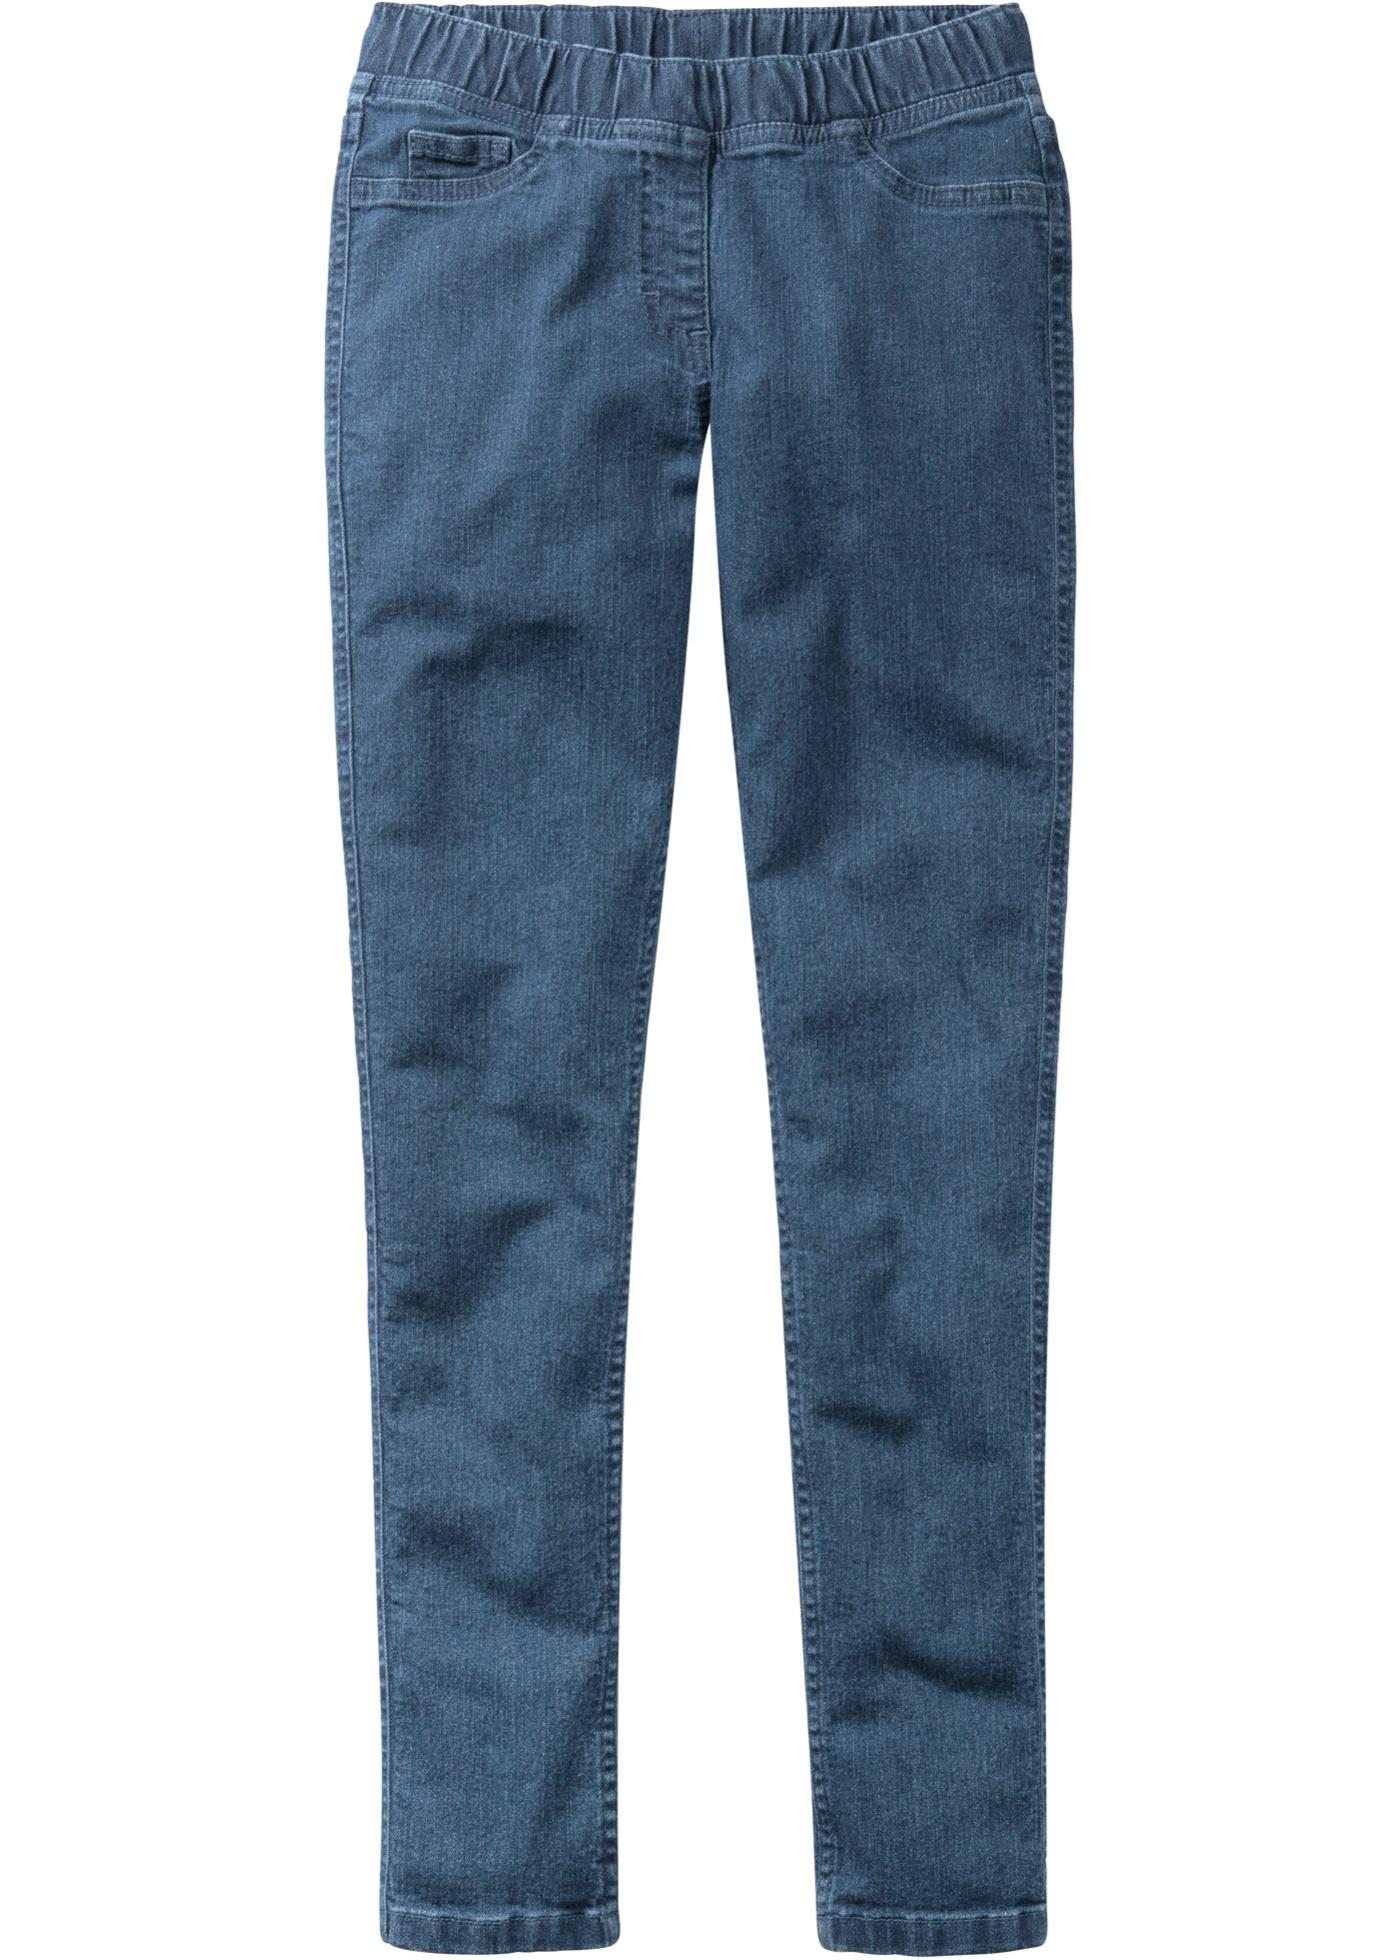 Bleu John Pour Enfant BonprixJegging Baner Jeanswear 92 182 3c4jARL5q